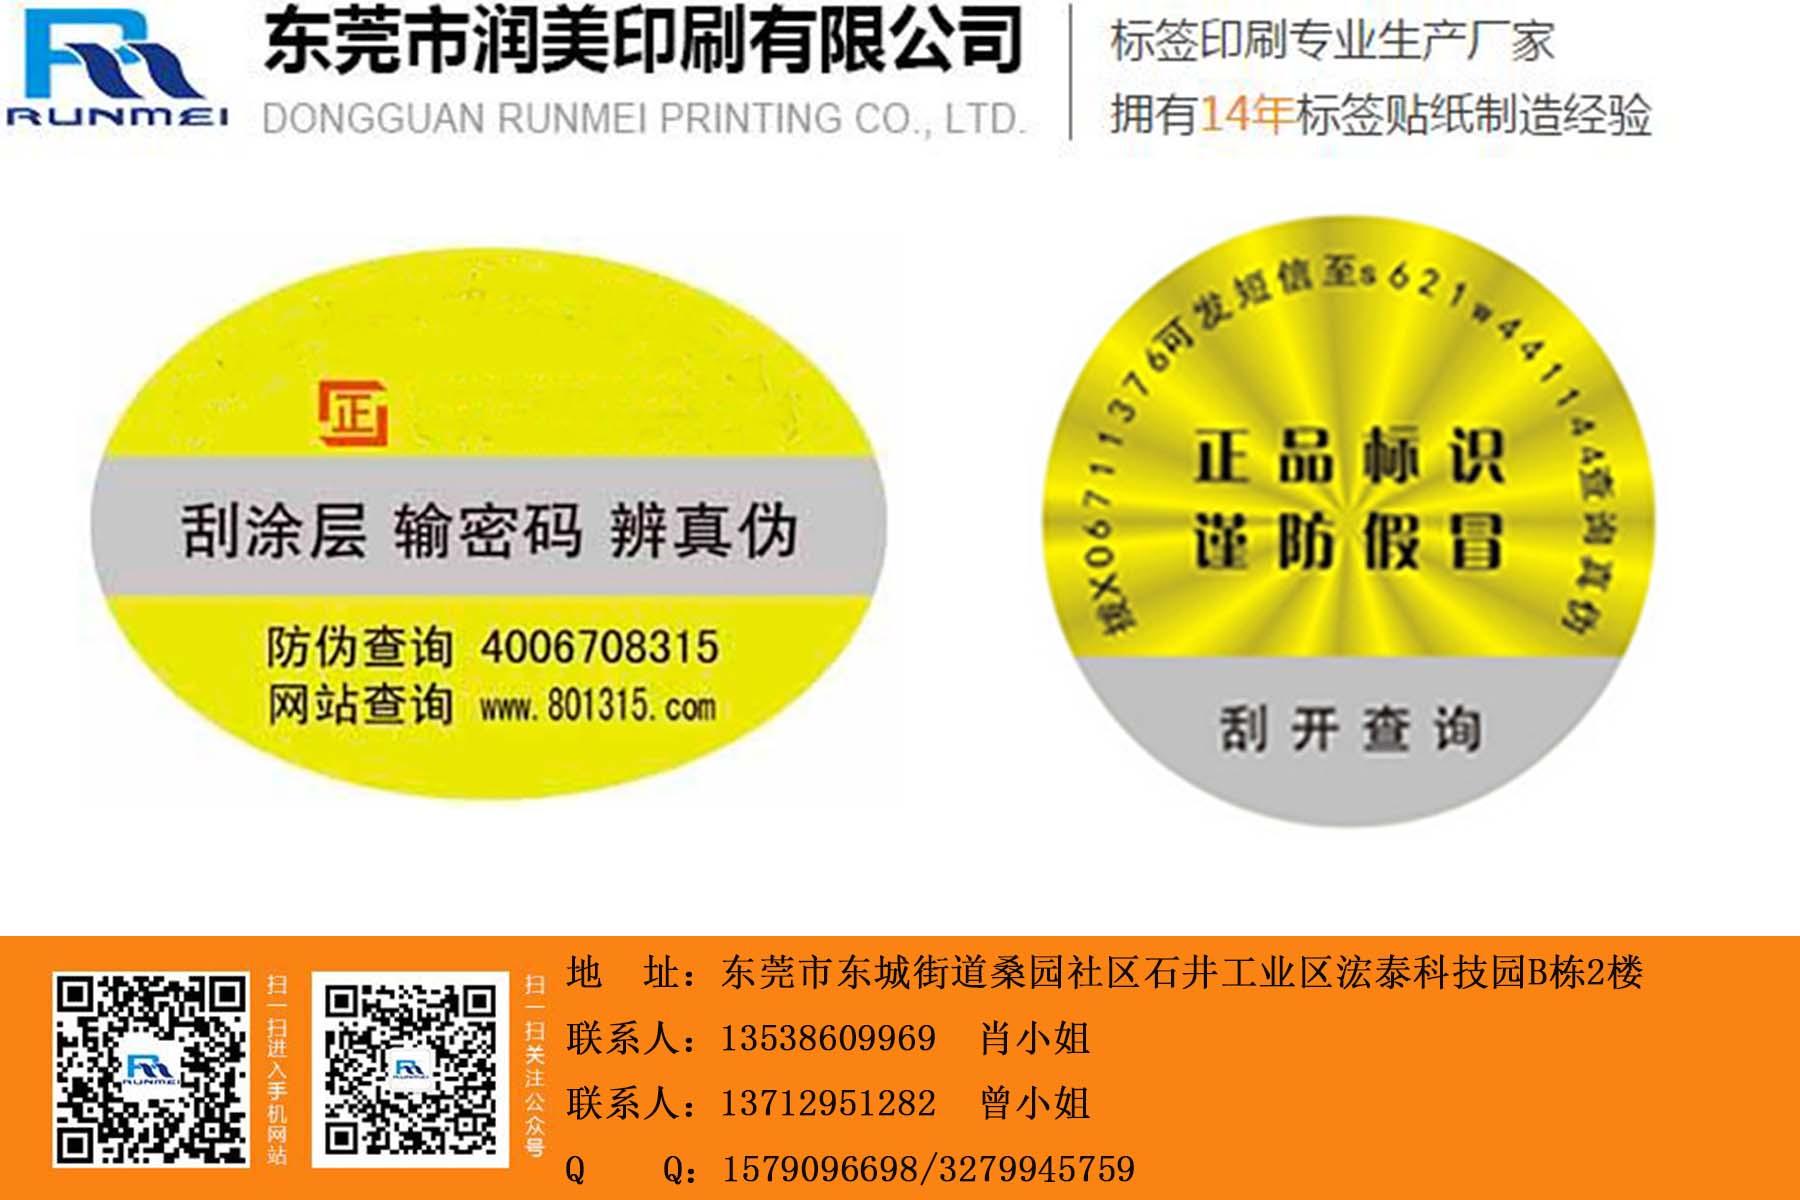 激光防伪标签厂家 买价格合理的防伪标签,就到润美印刷